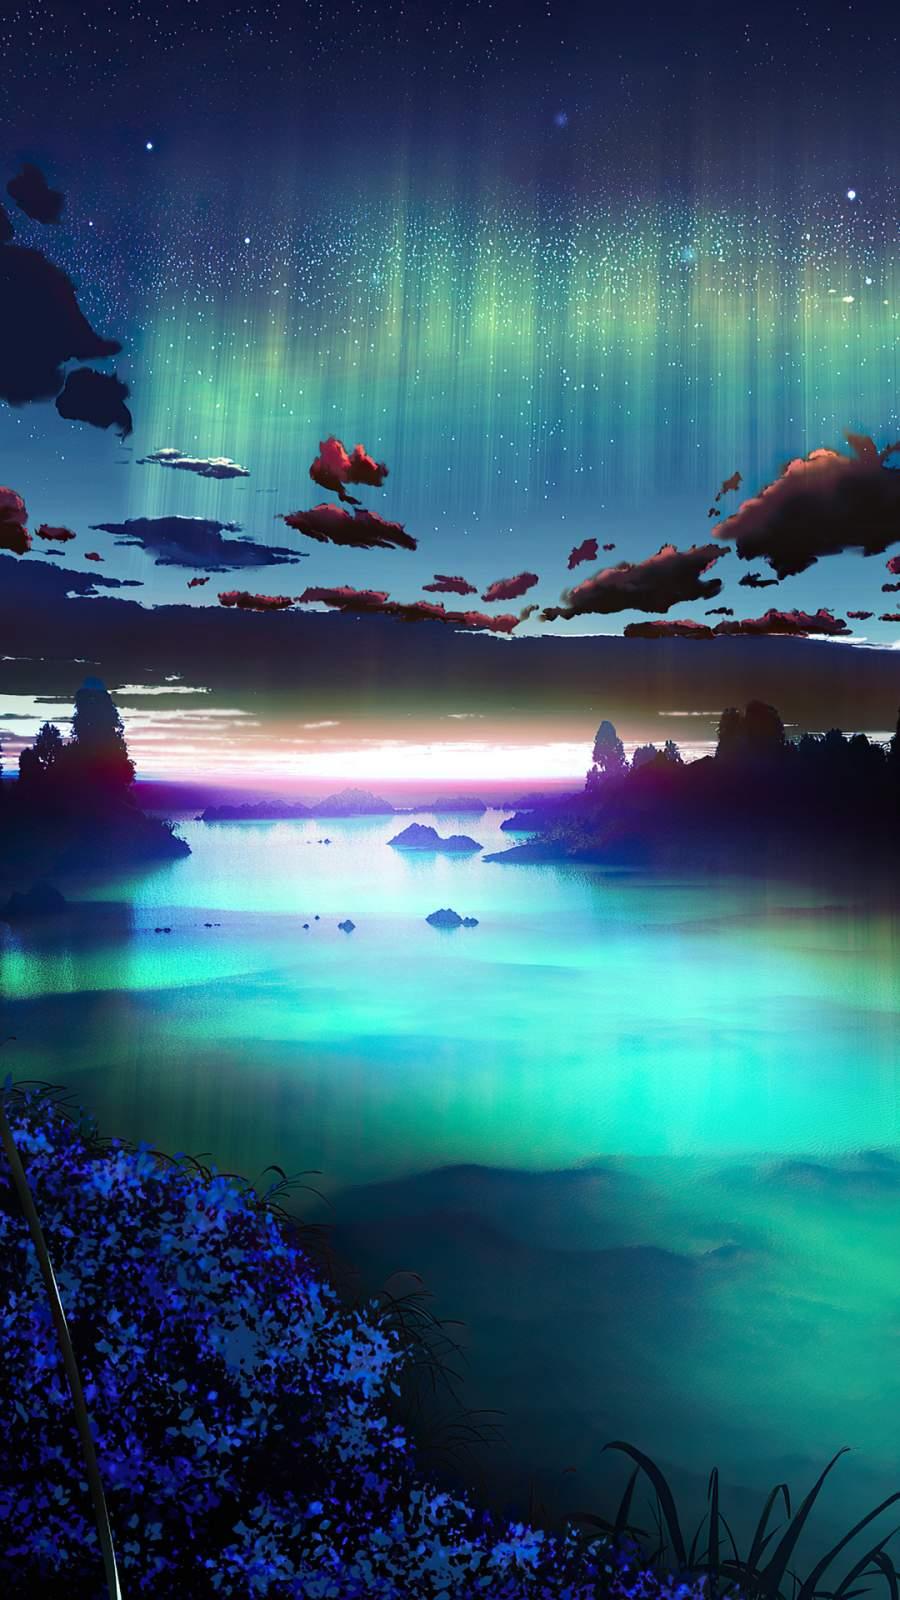 Auroa Emerald Green Sky